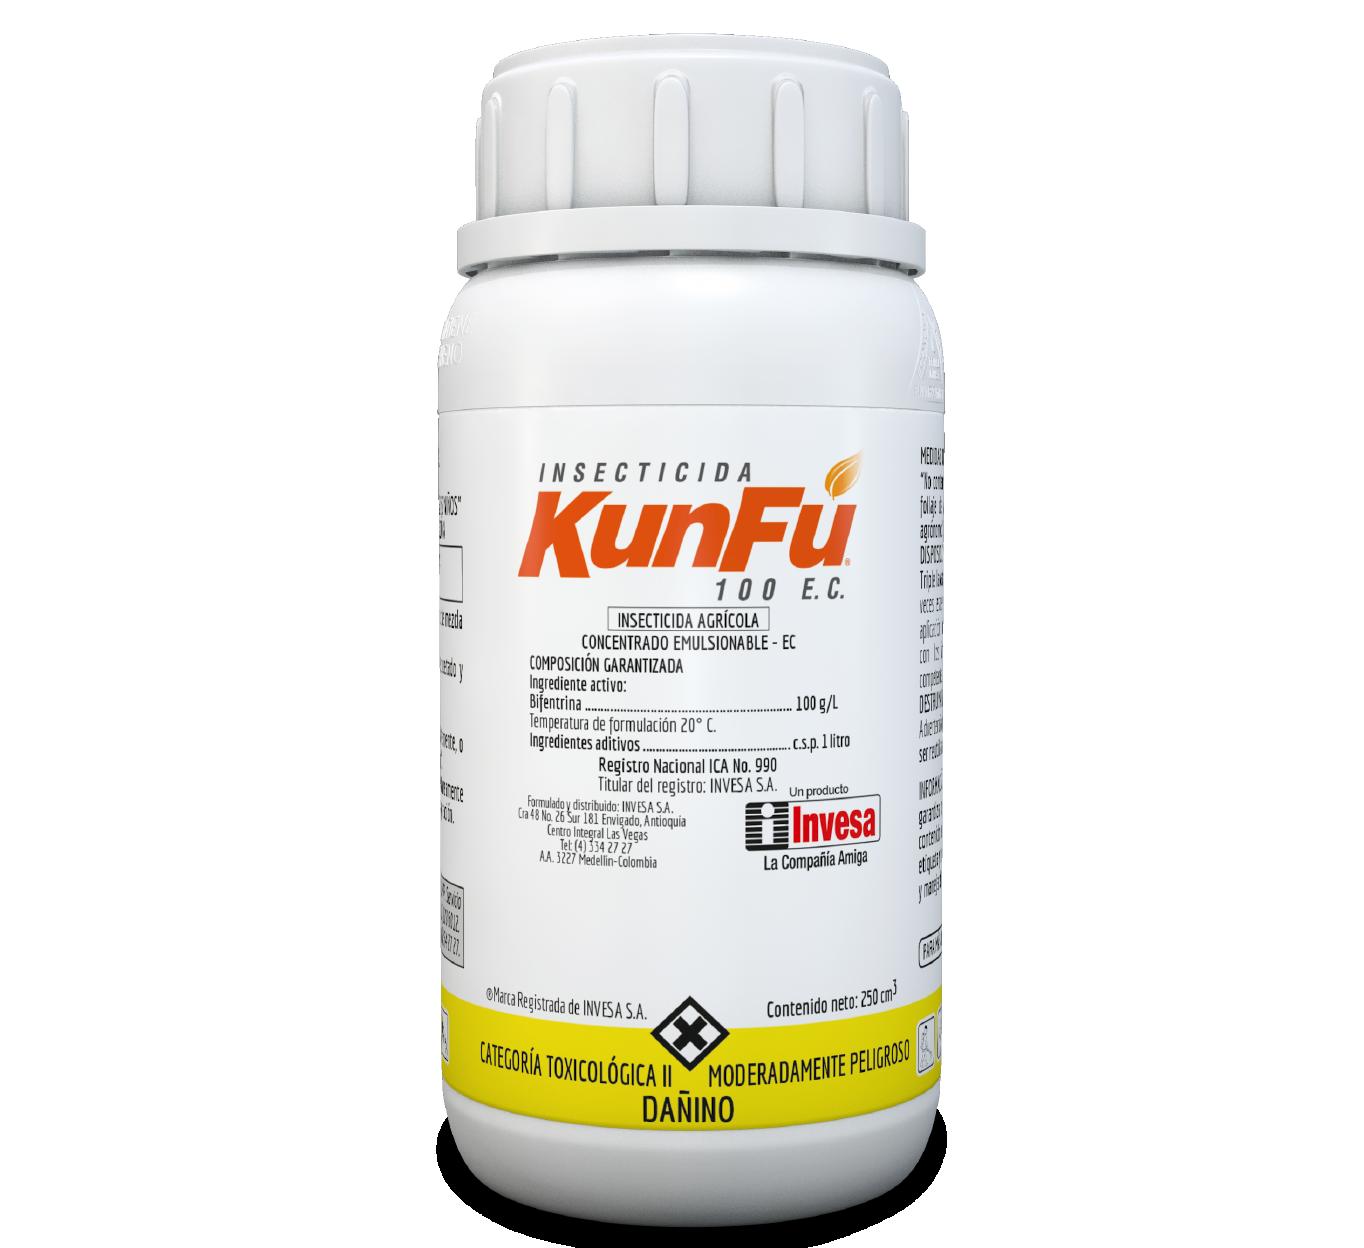 Insecticida kunfu 100 invesa 250 ccpng